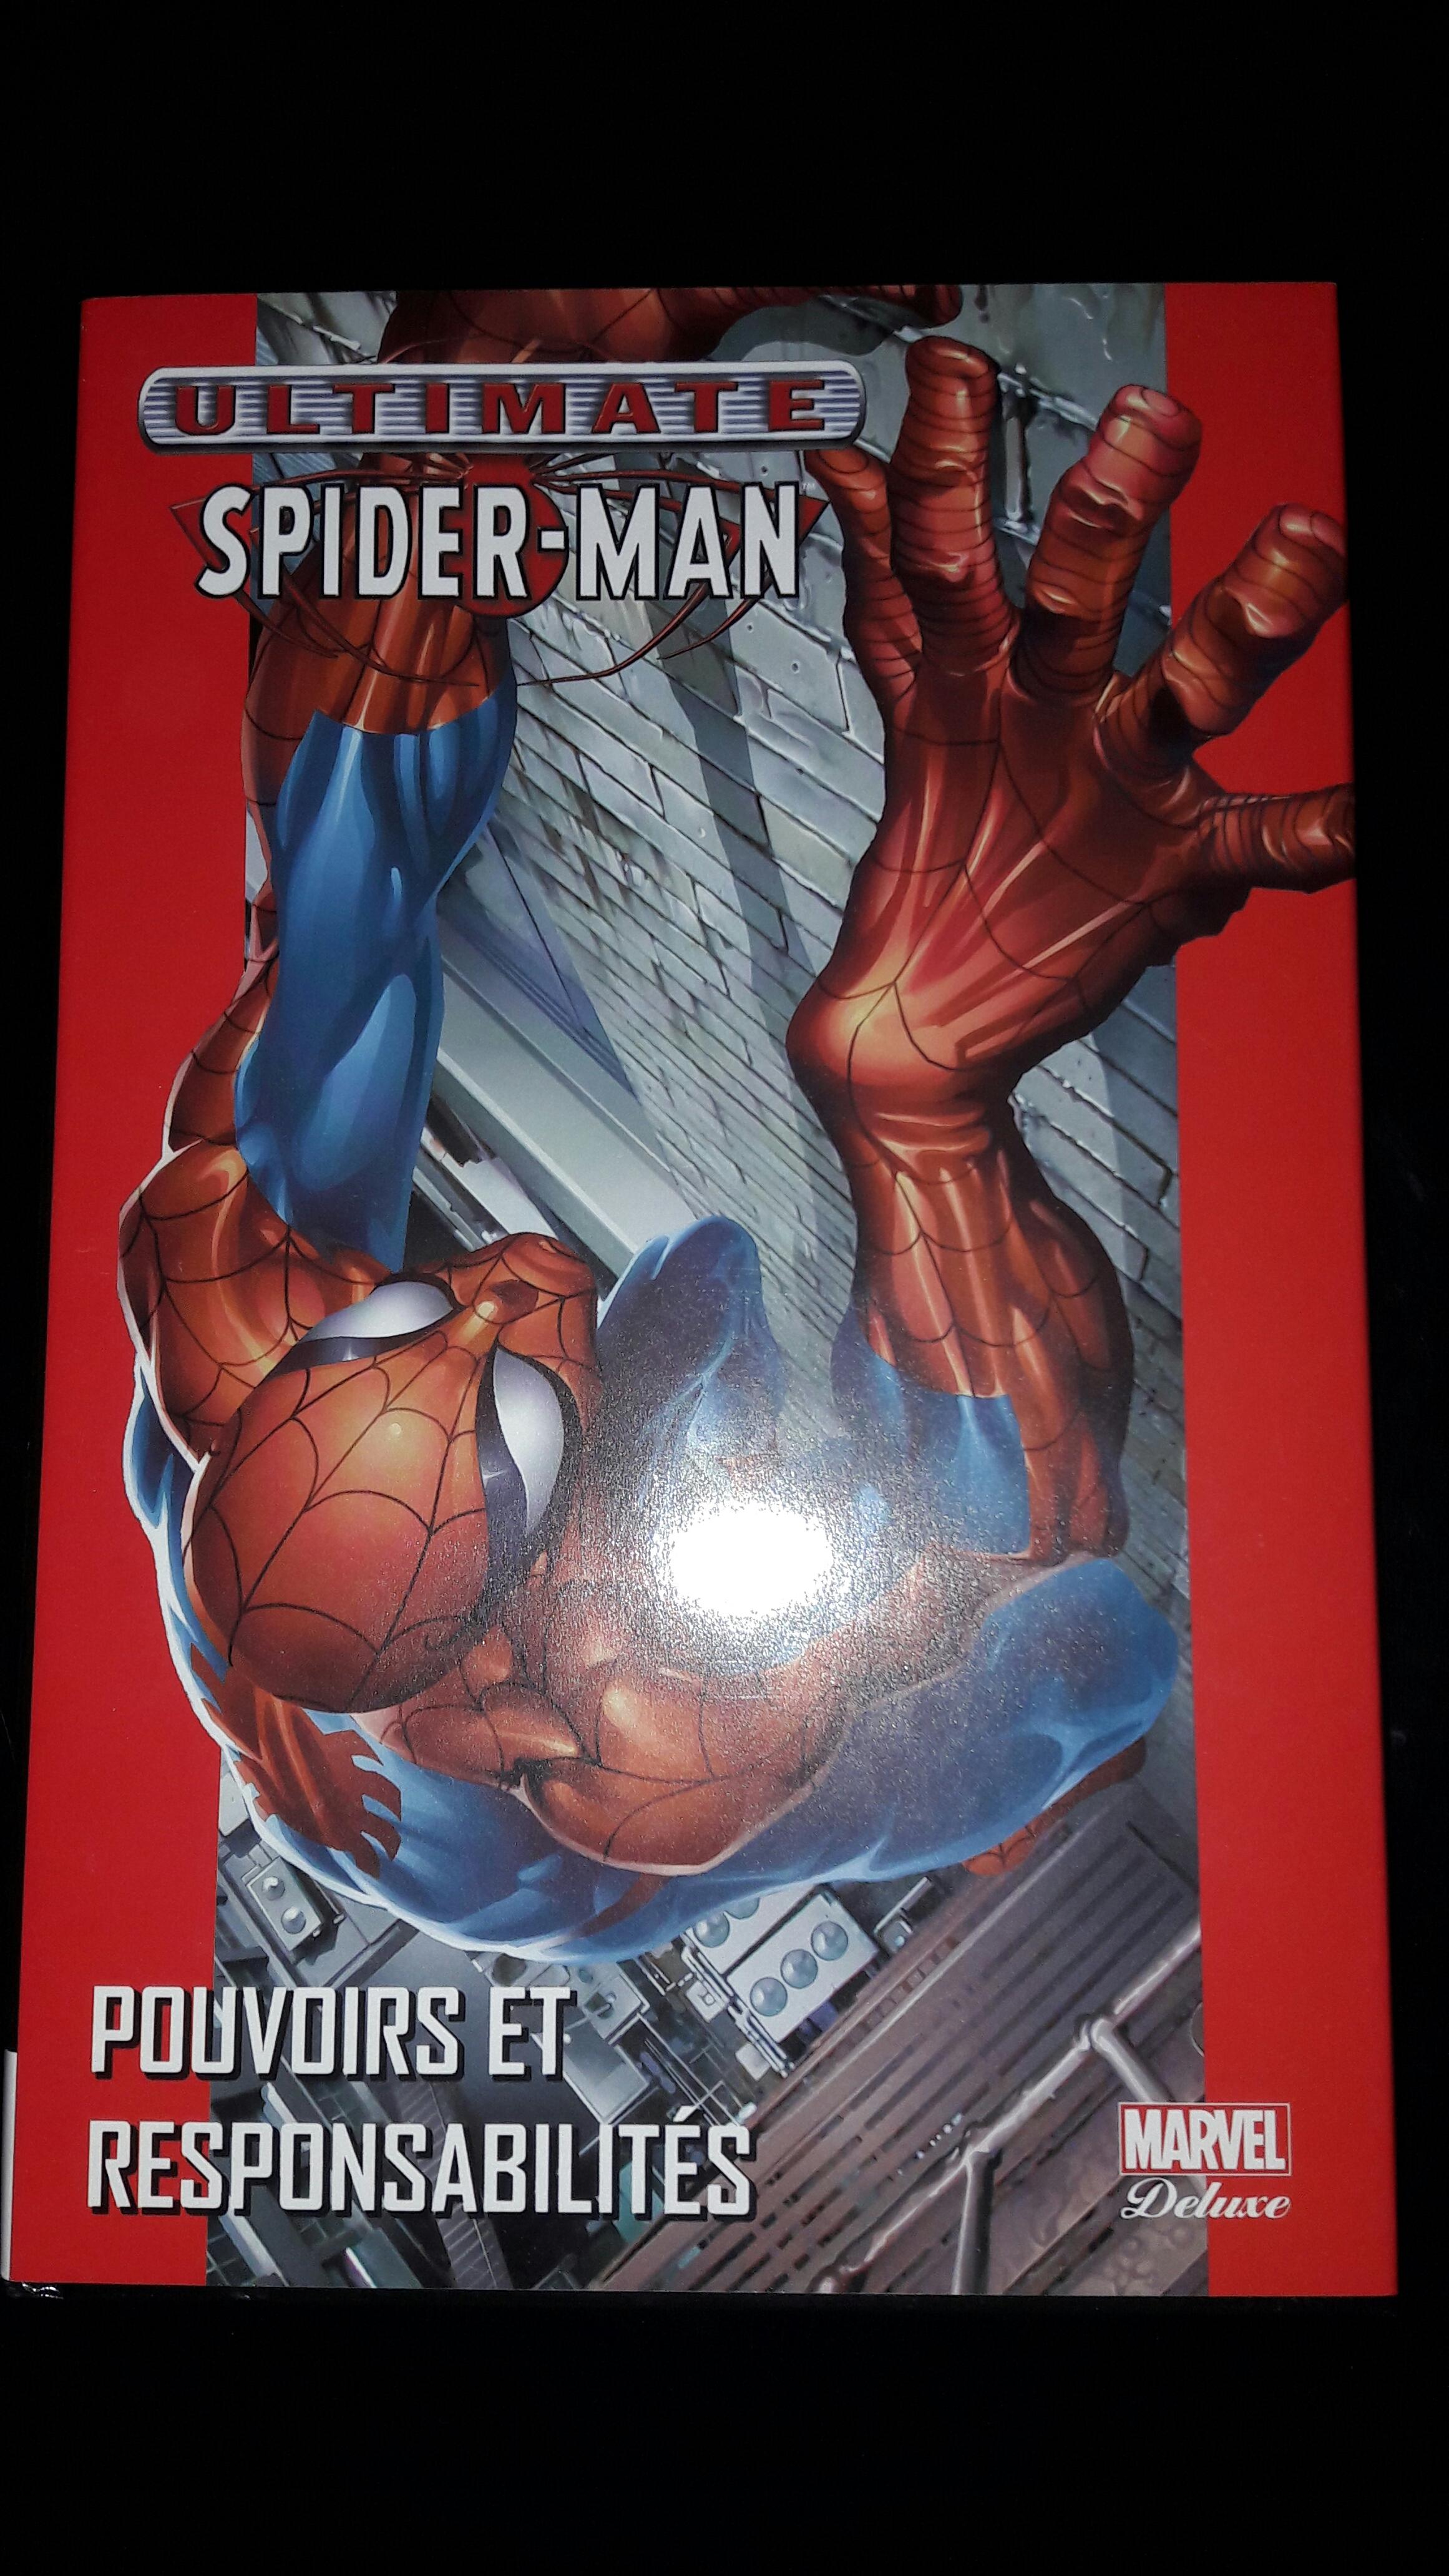 Guide Commencer Les Comics Spider Man Vf Vo Sur Le Forum Spider Man 11 04 2018 10 13 09 Jeuxvideo Com